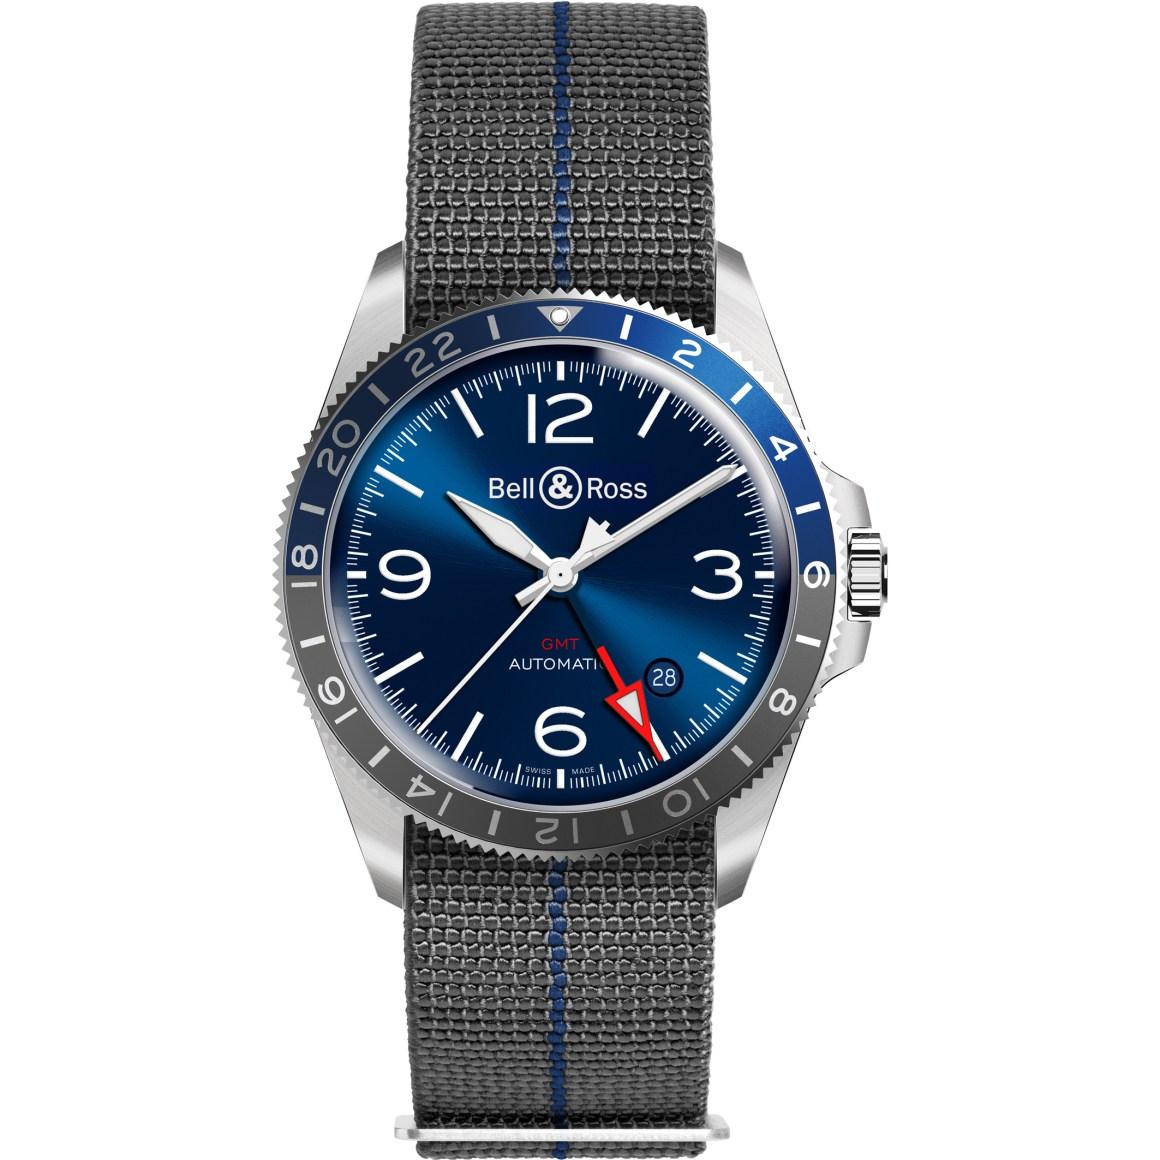 Bell & RossBR V2-93 GMT Blue